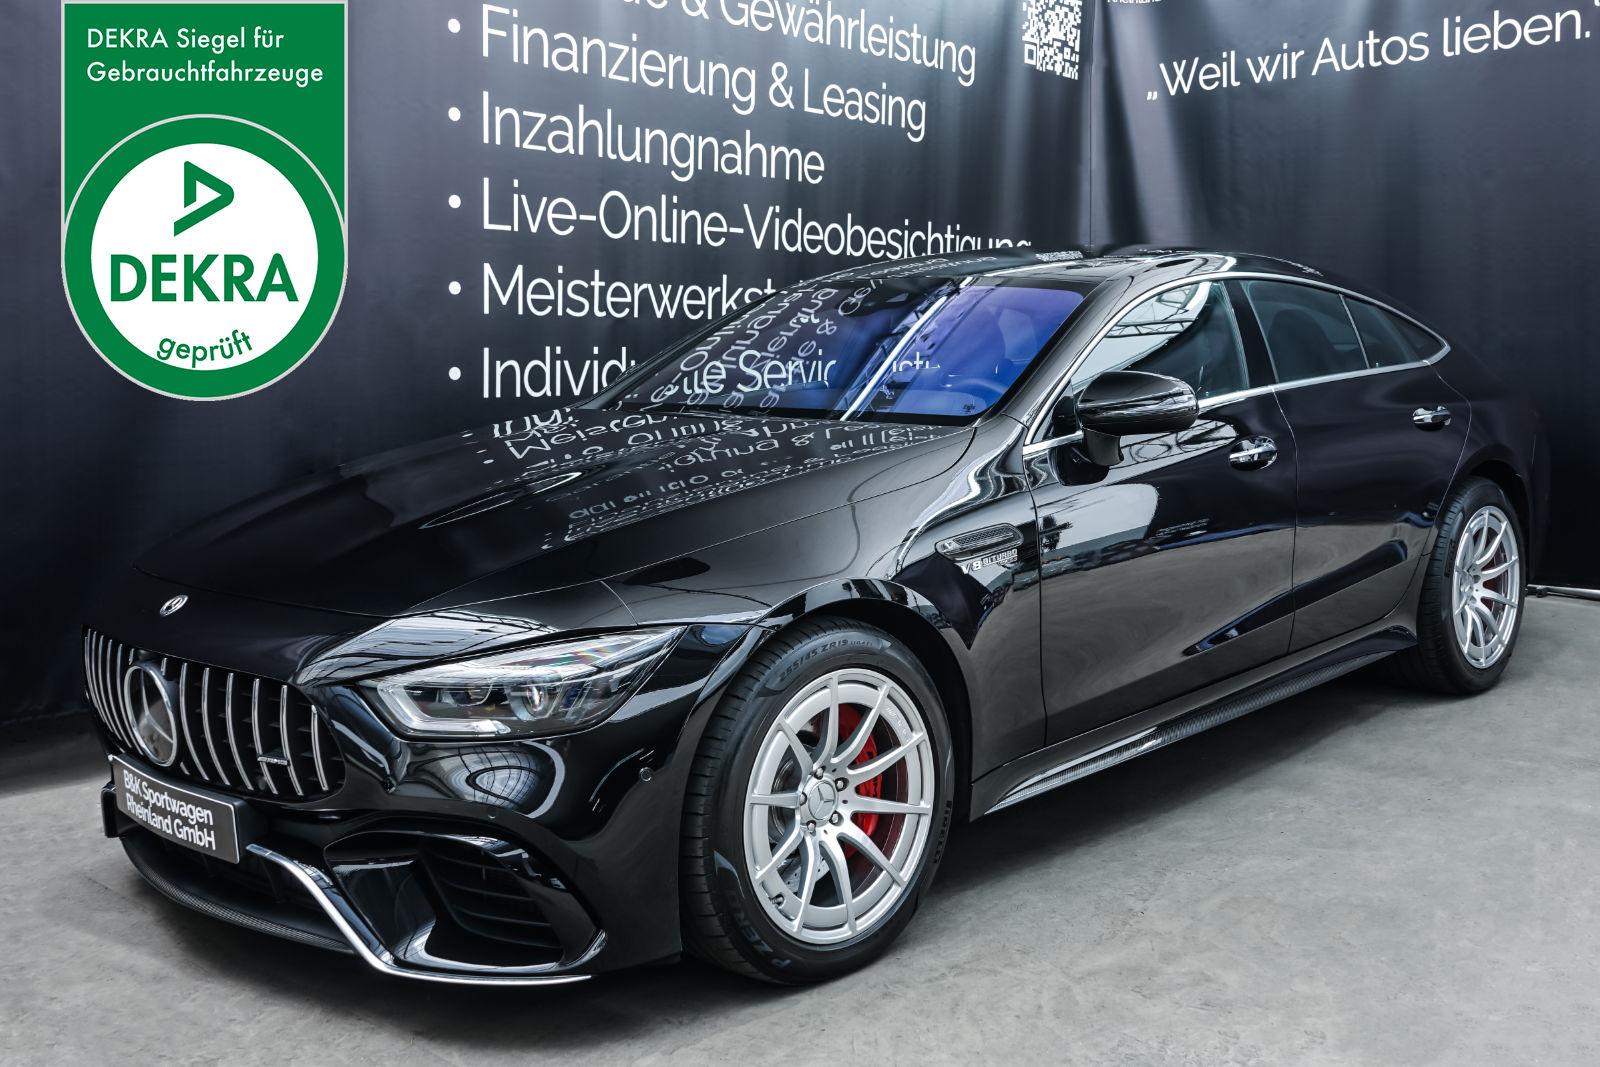 MercedesBenz_AMG_GT63_4MATIC+_Schwarz_Schwarz_Plakette_w